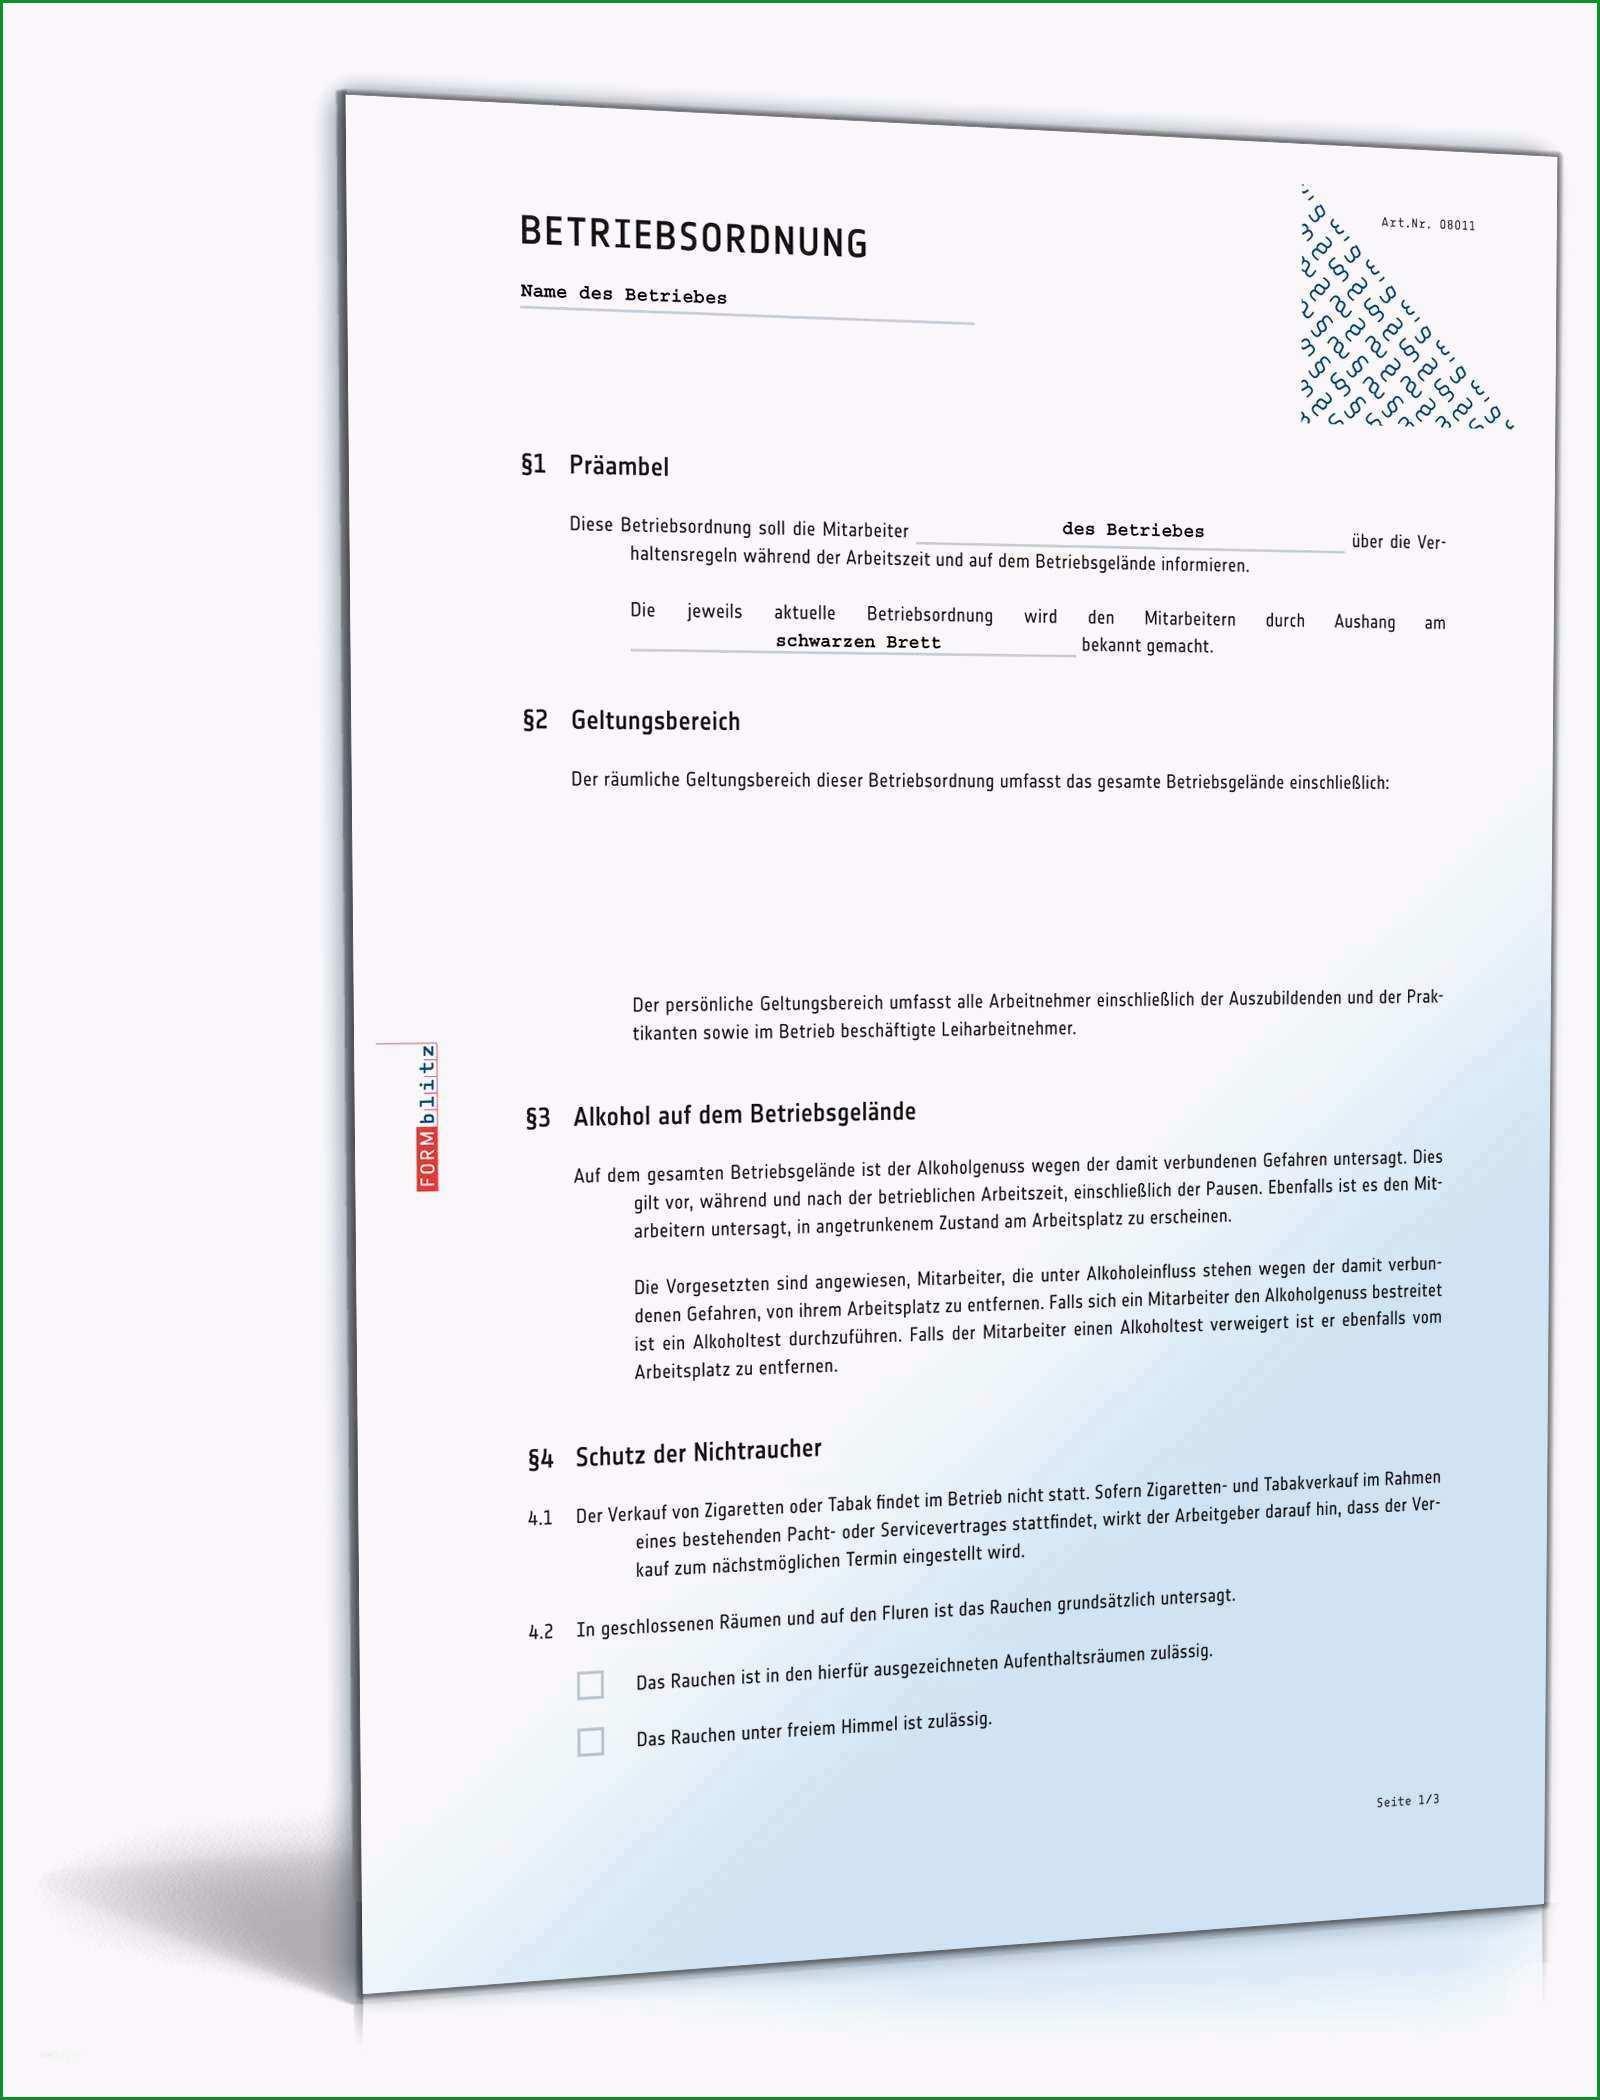 word vorlage broschure 2 seitig wunderbar betriebsordnung